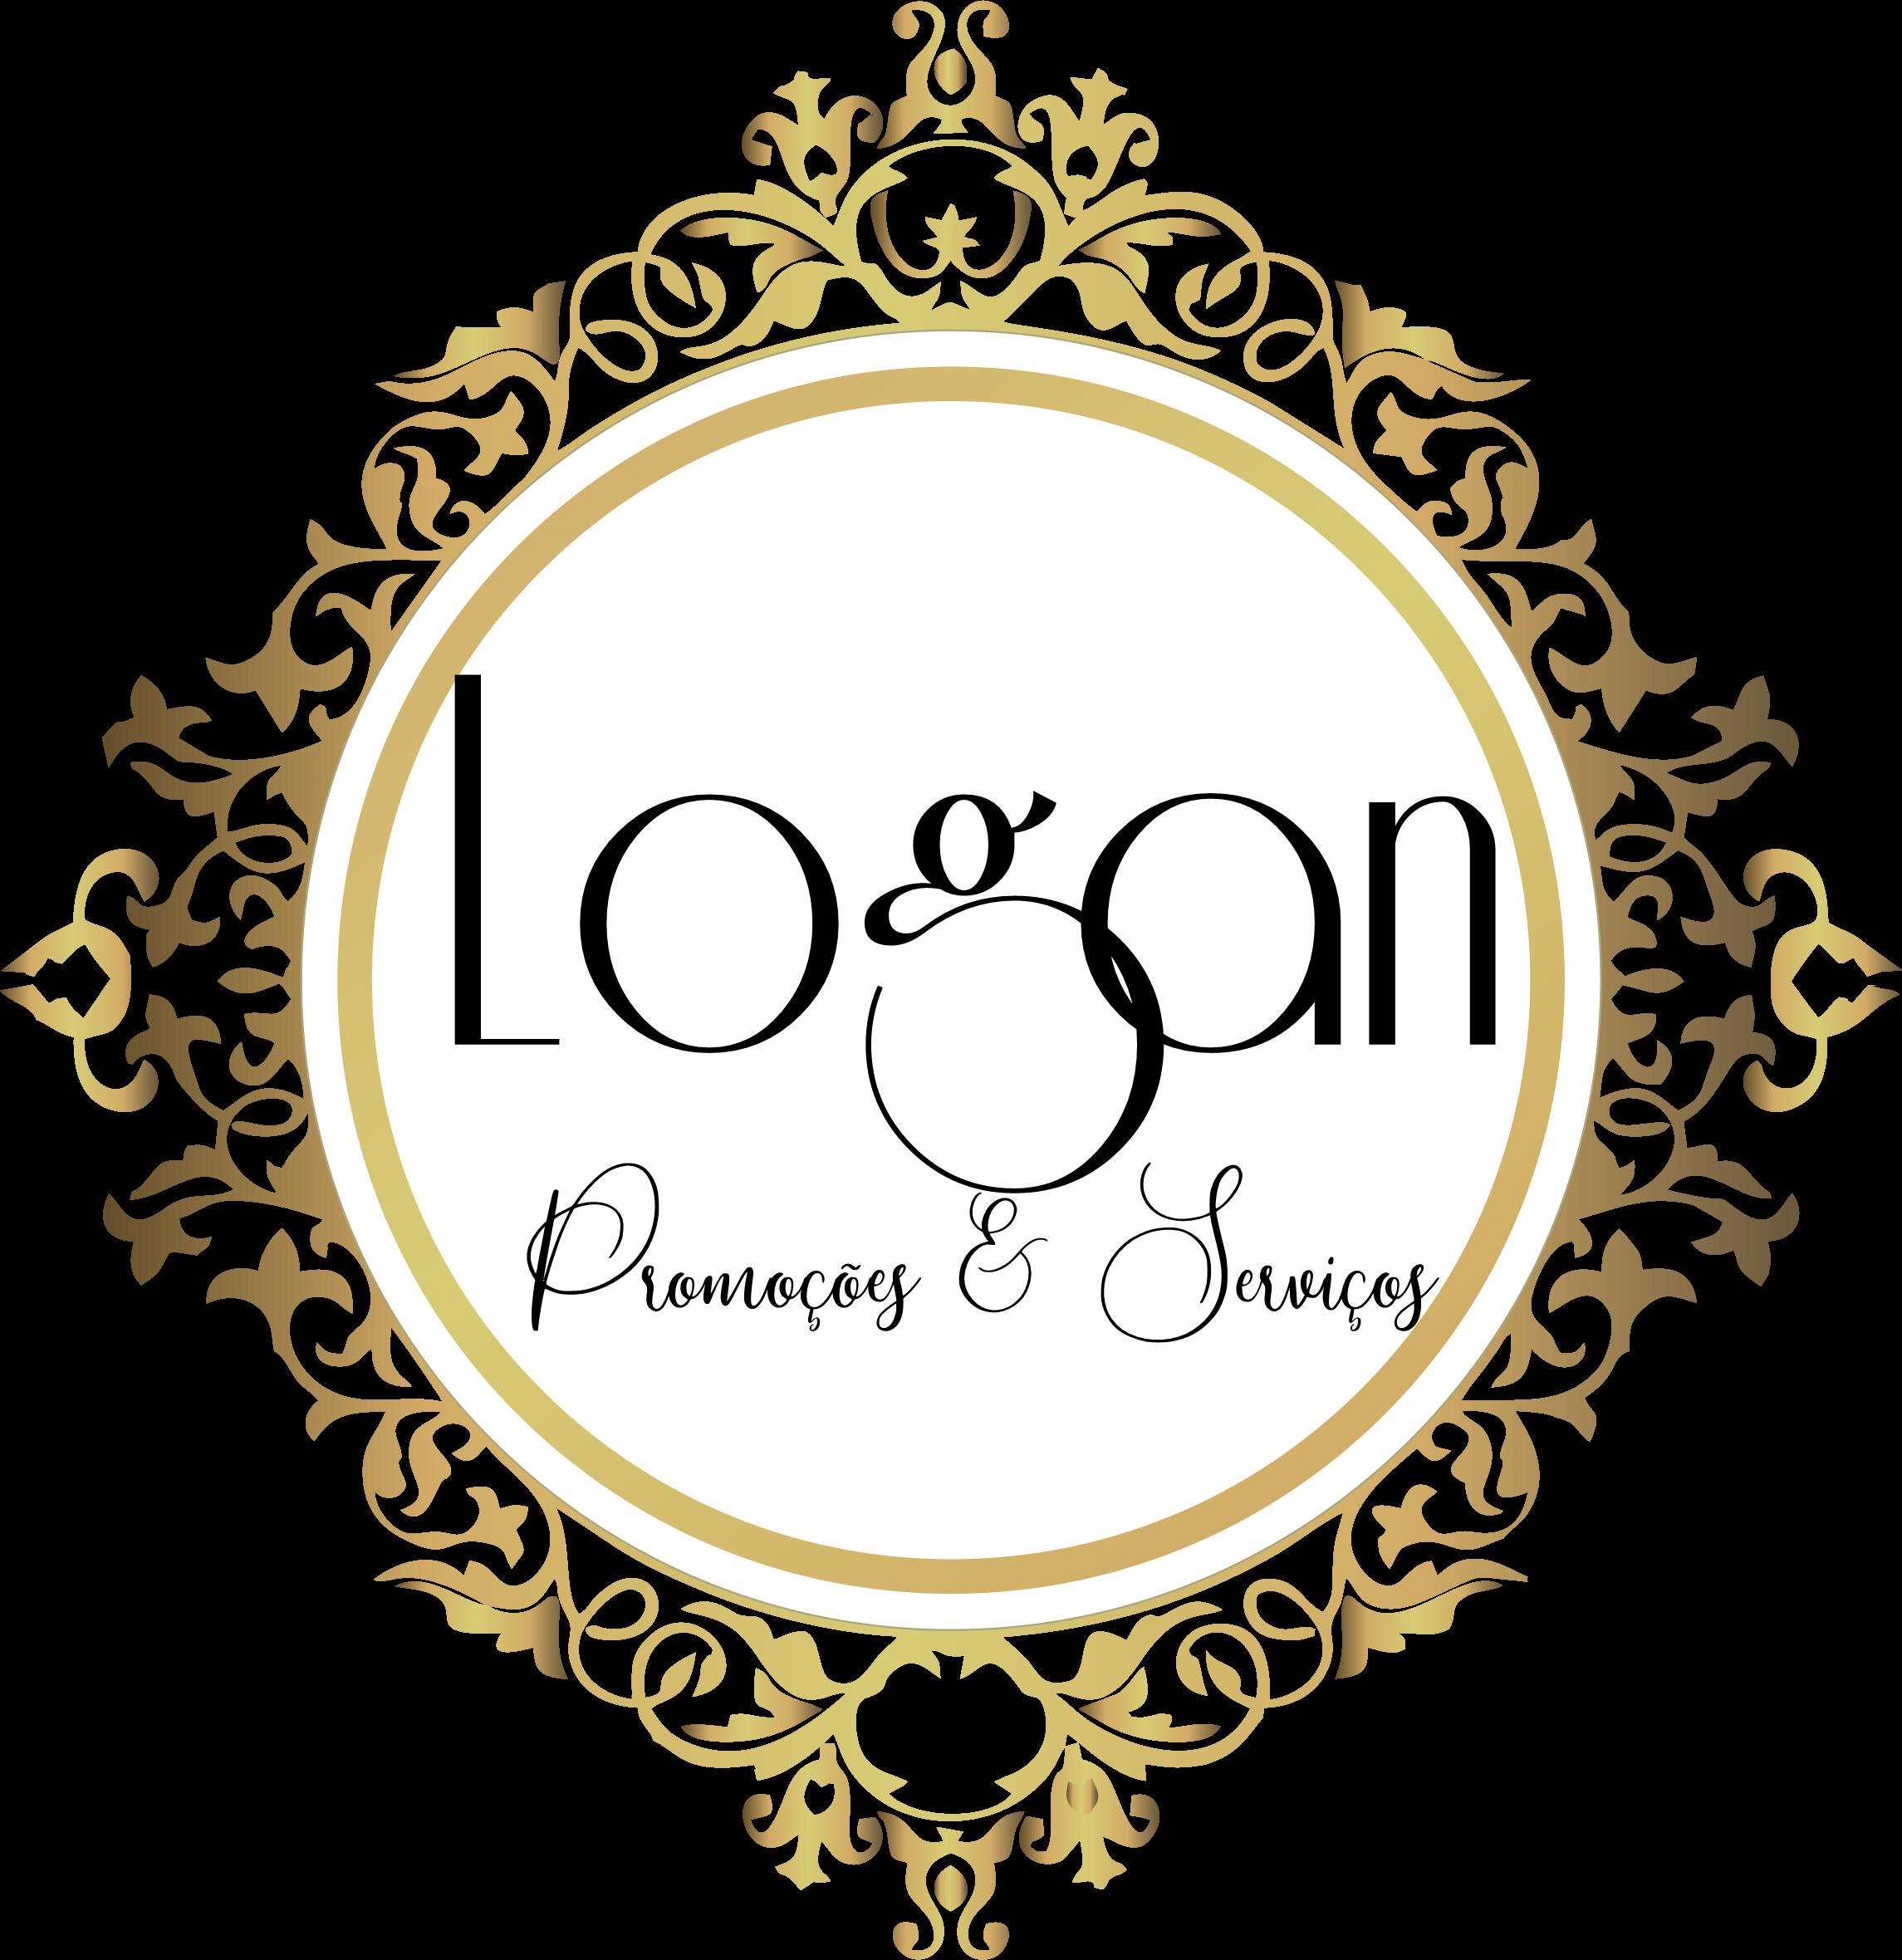 Logan Promoções e Serviços